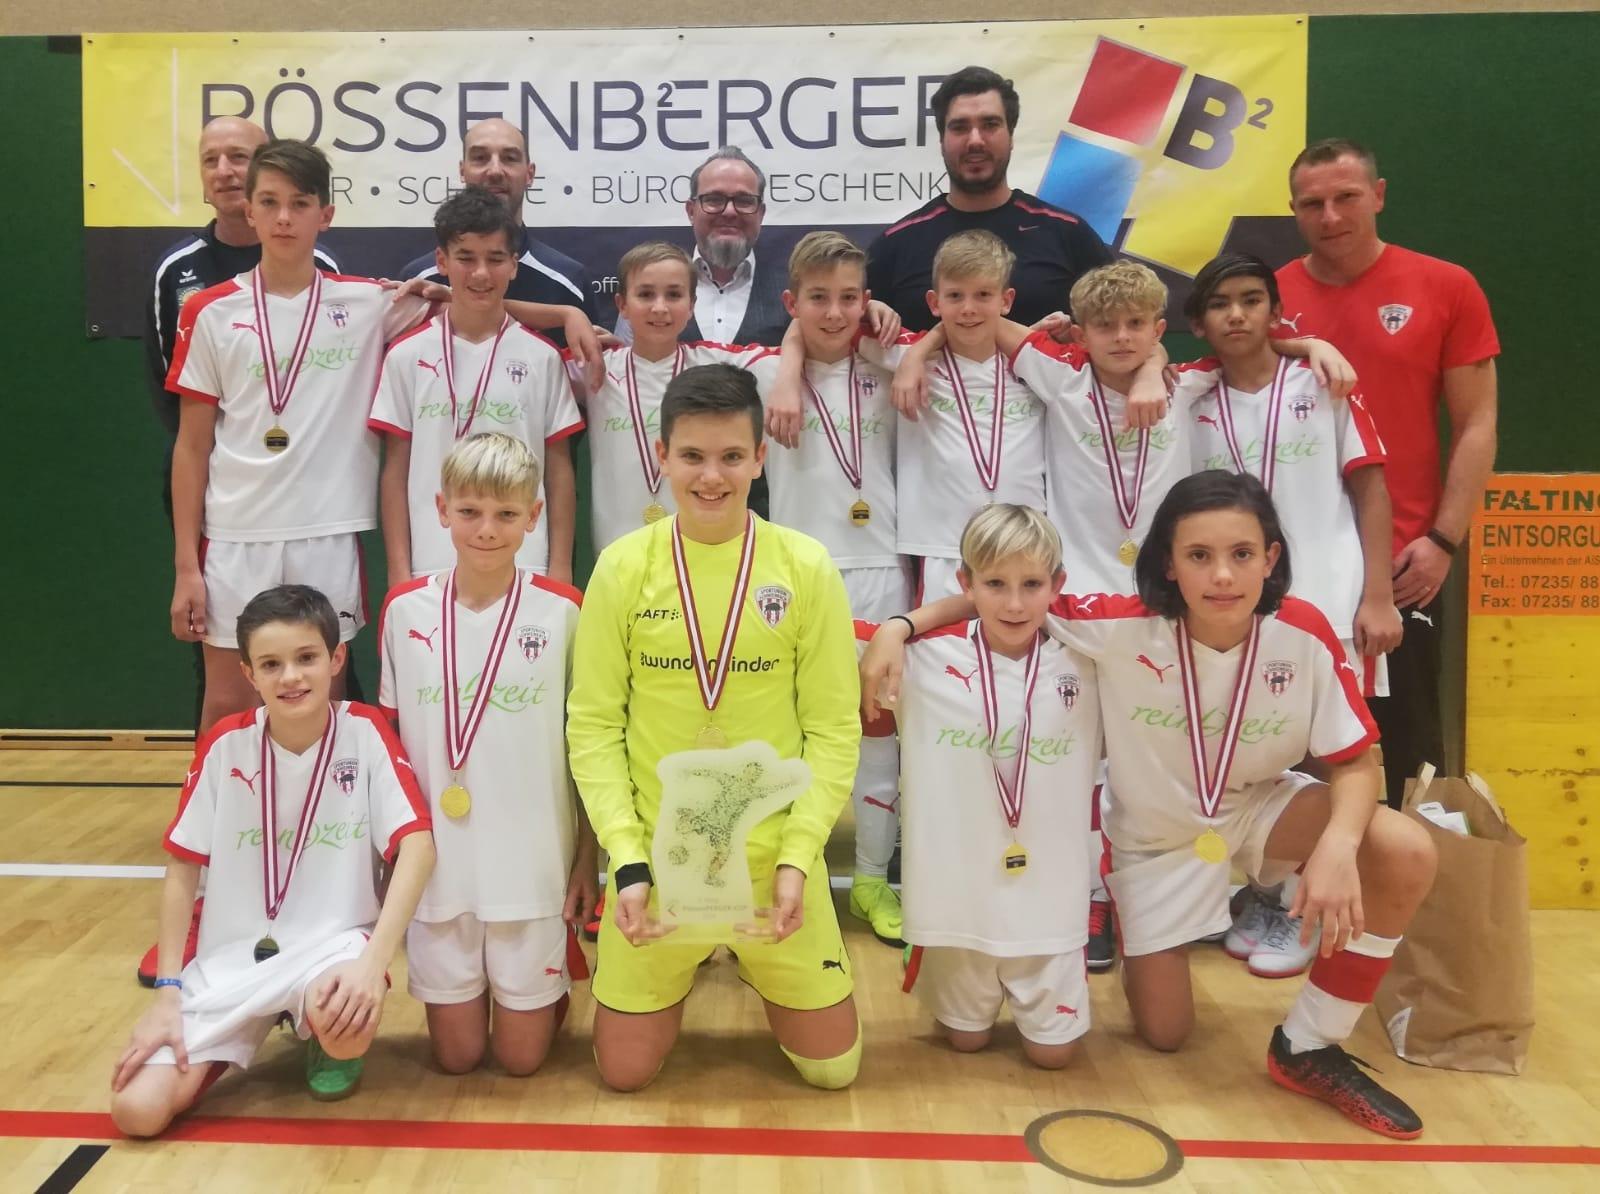 Gelungener Auftritt unserer U13 beim Pössenberger Hallencup in Perg